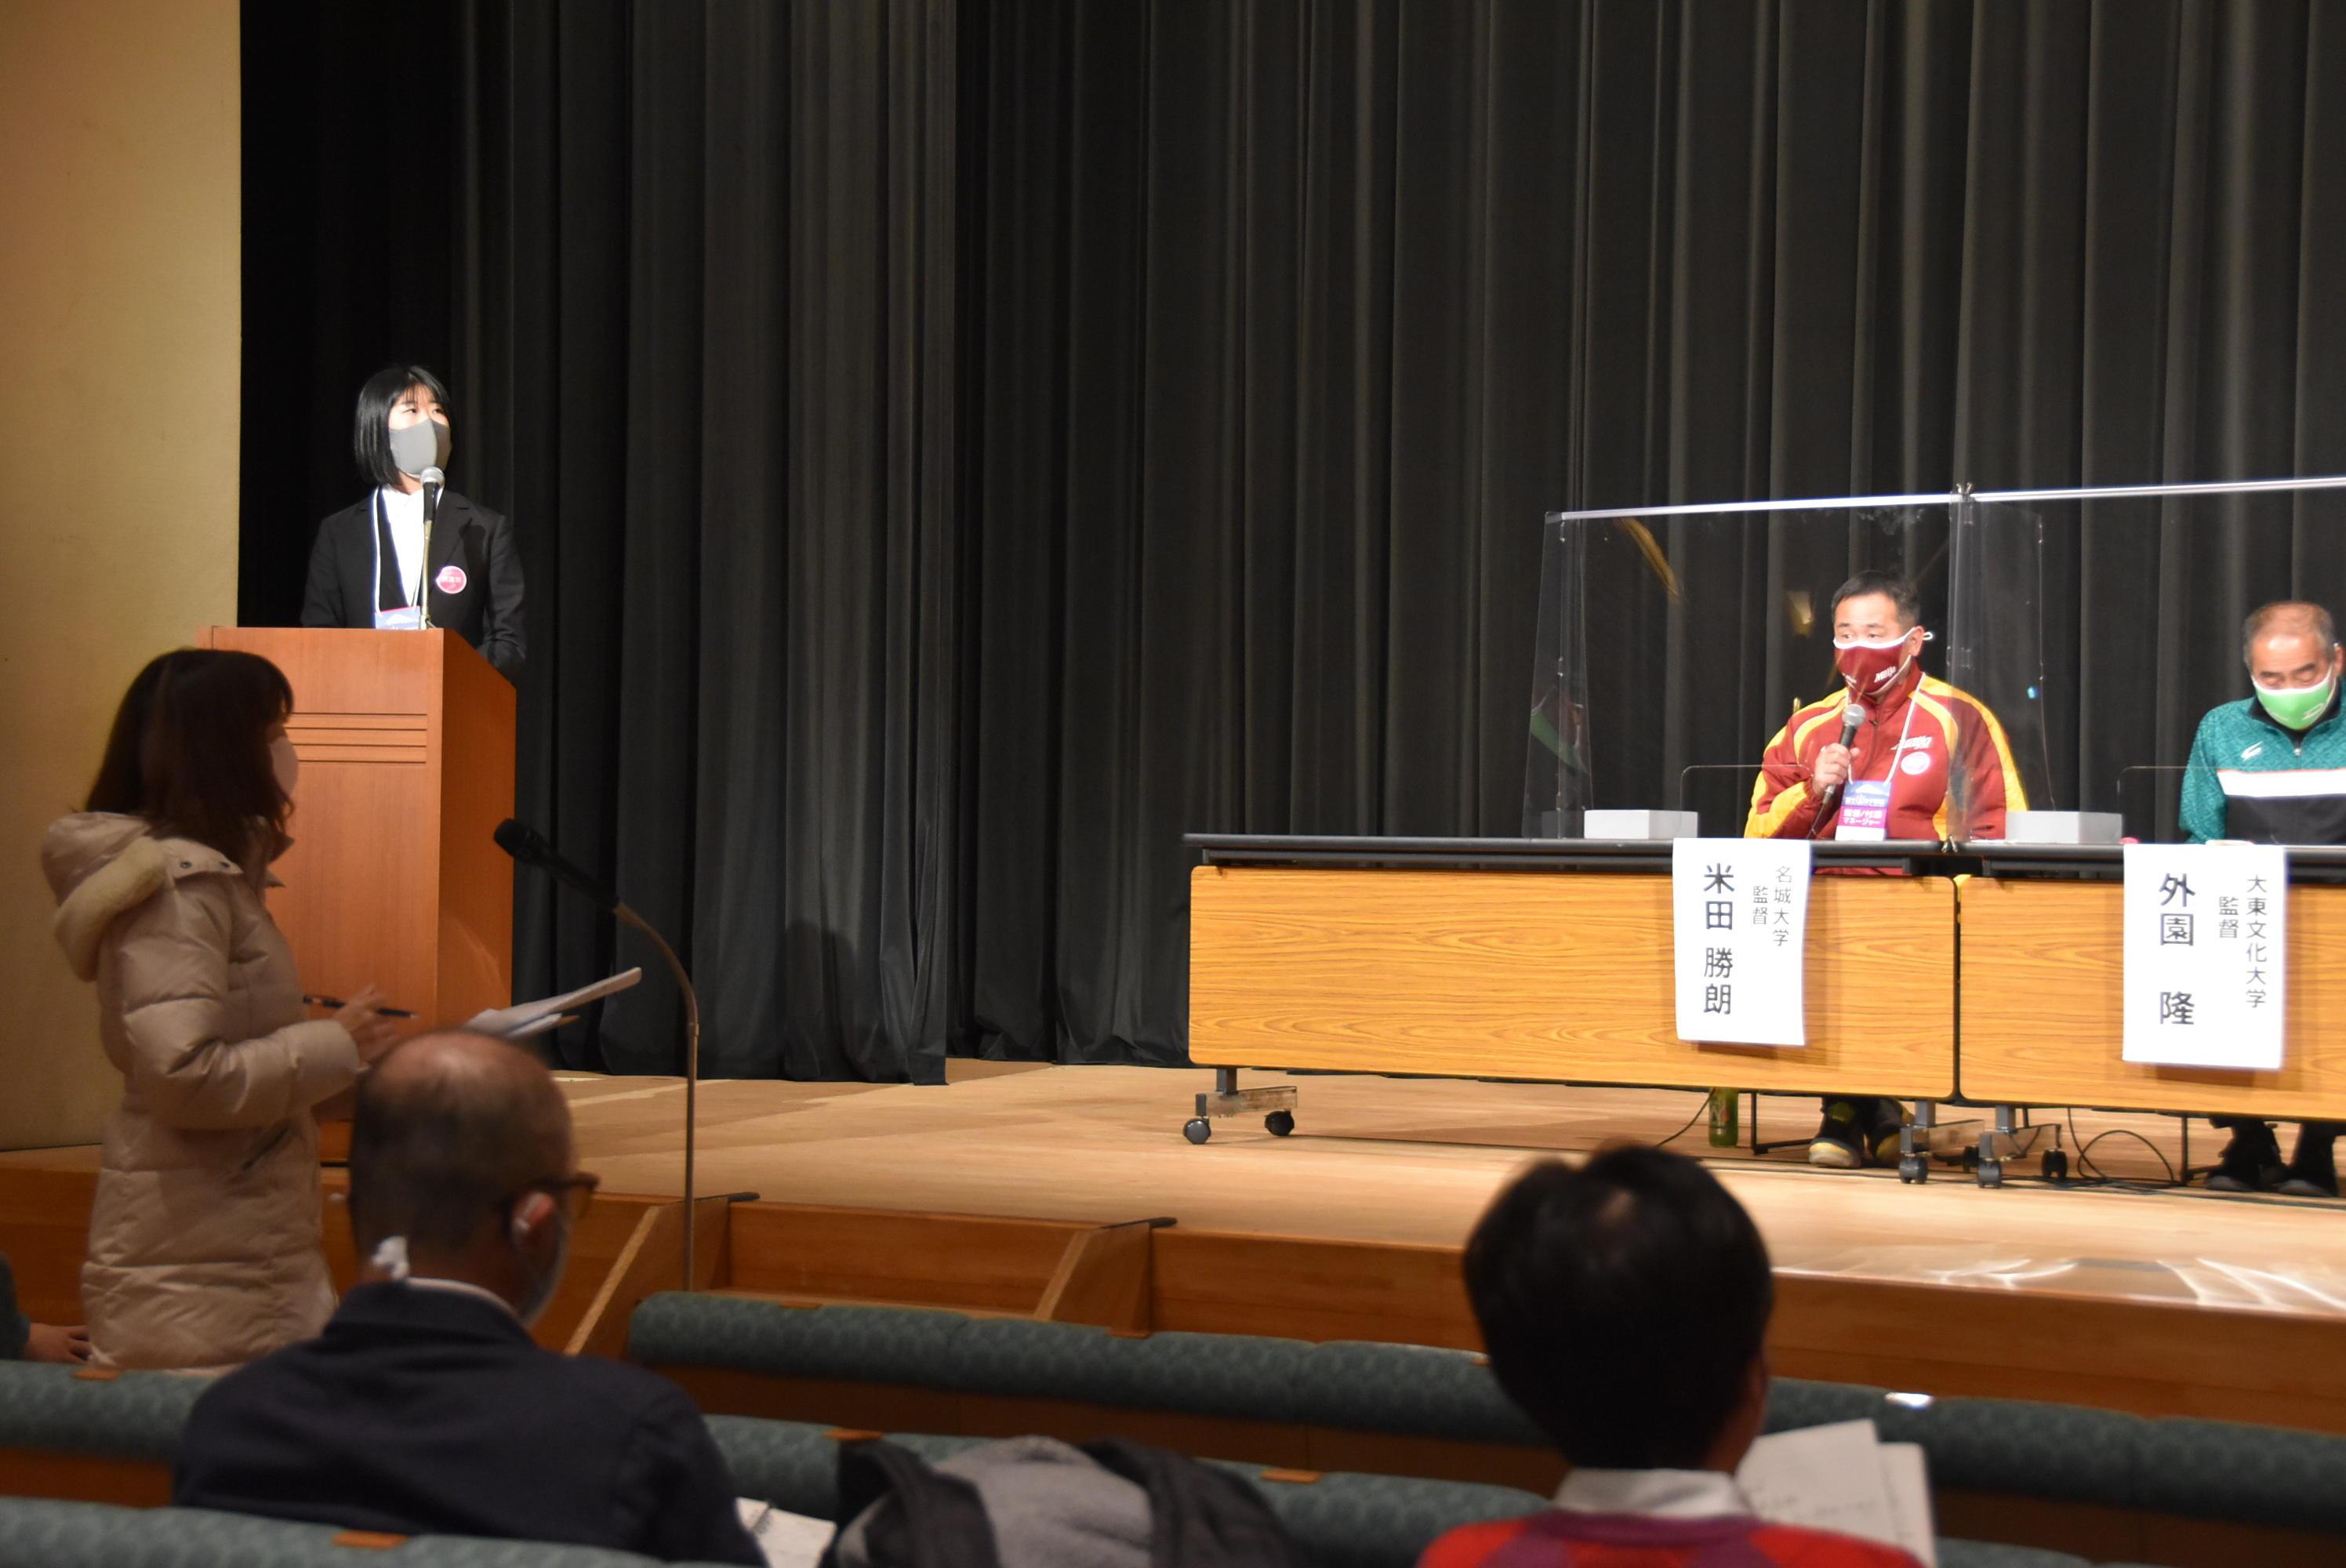 高橋尚子さんの質問に答える米田監督